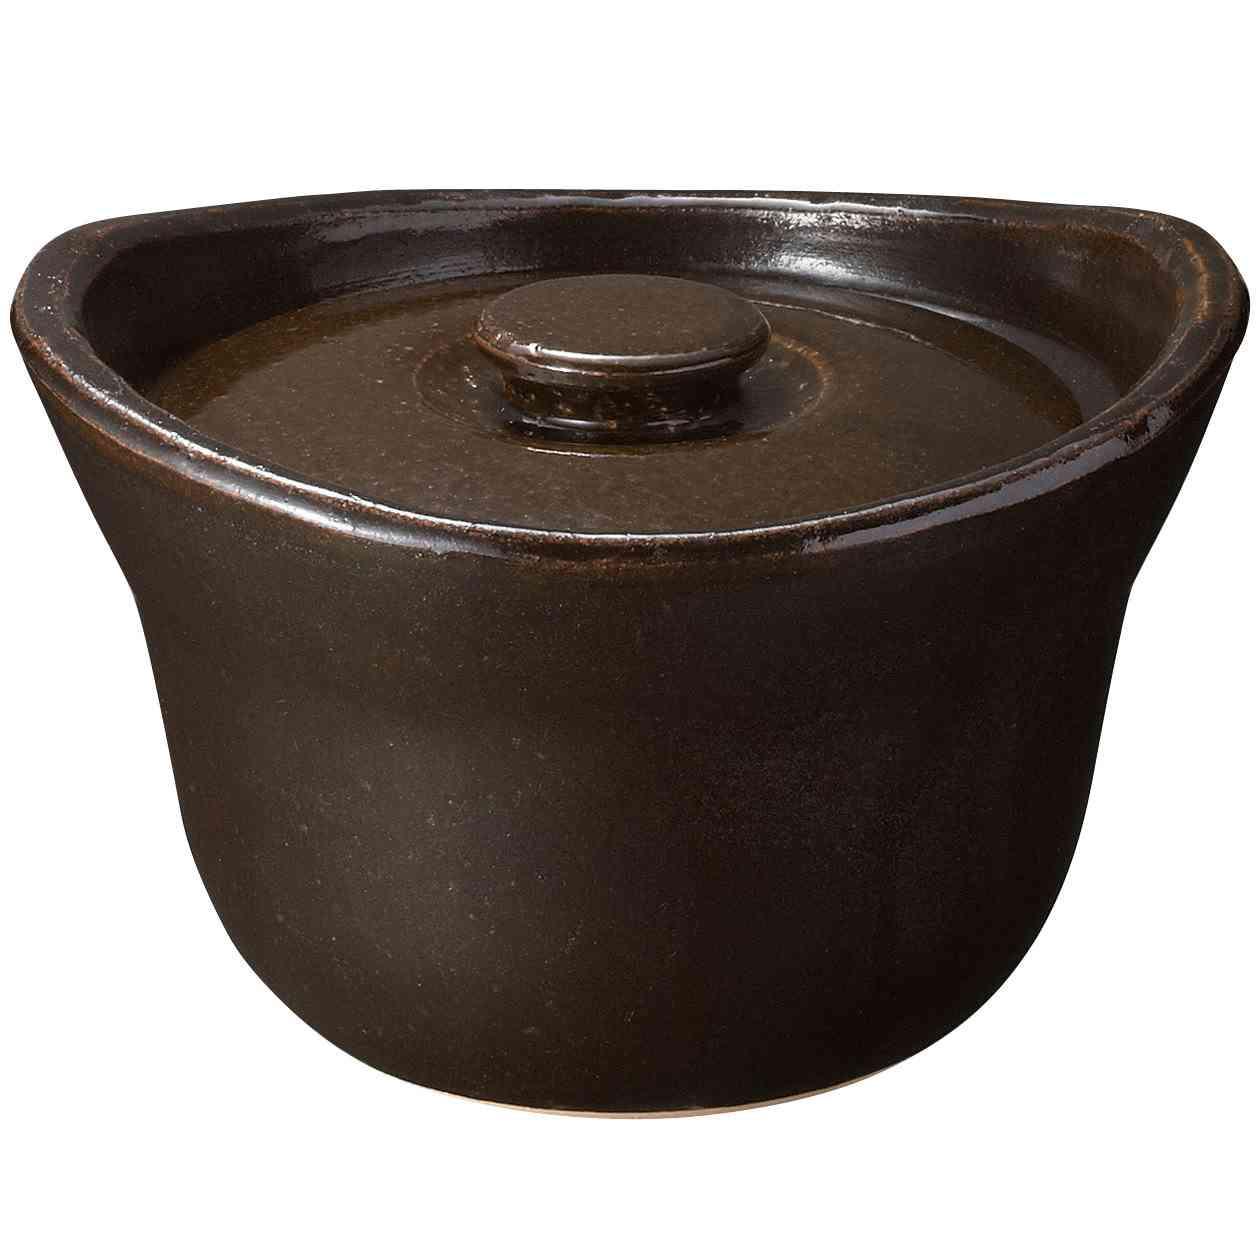 土釜おこげ 3合炊き 約直径22×高さ15cm | 無印良品ネットストア